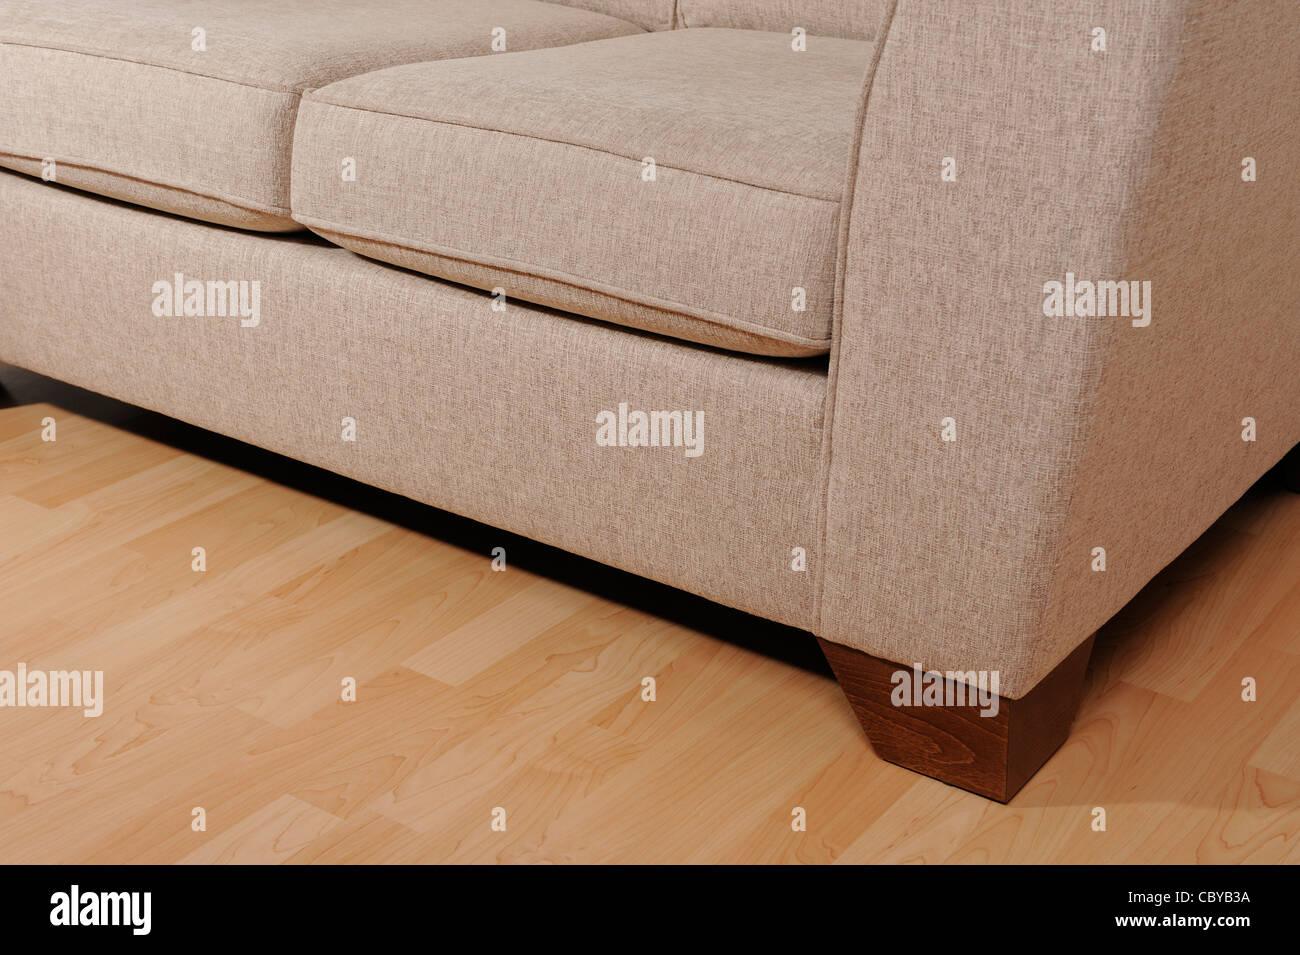 Divano su un pavimento di legno Immagini Stock